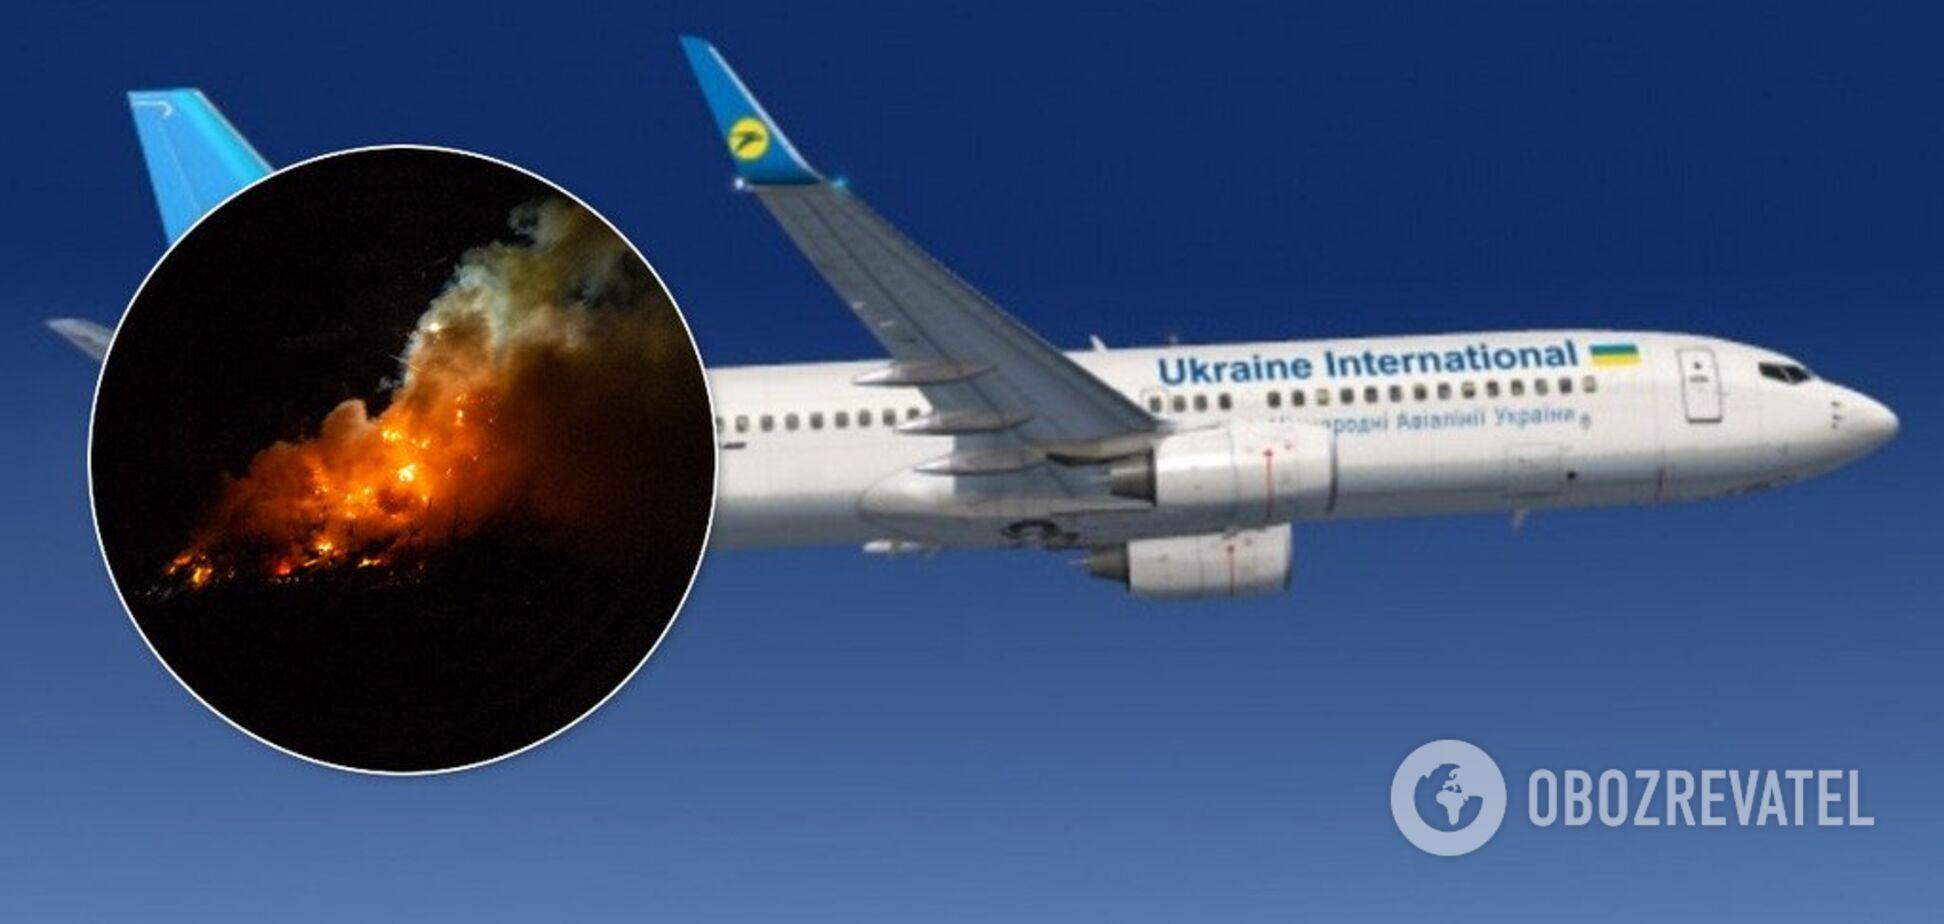 'На борту были большие проблемы': озвучена приоритетная версия катастрофы Boeing-737 в Иране